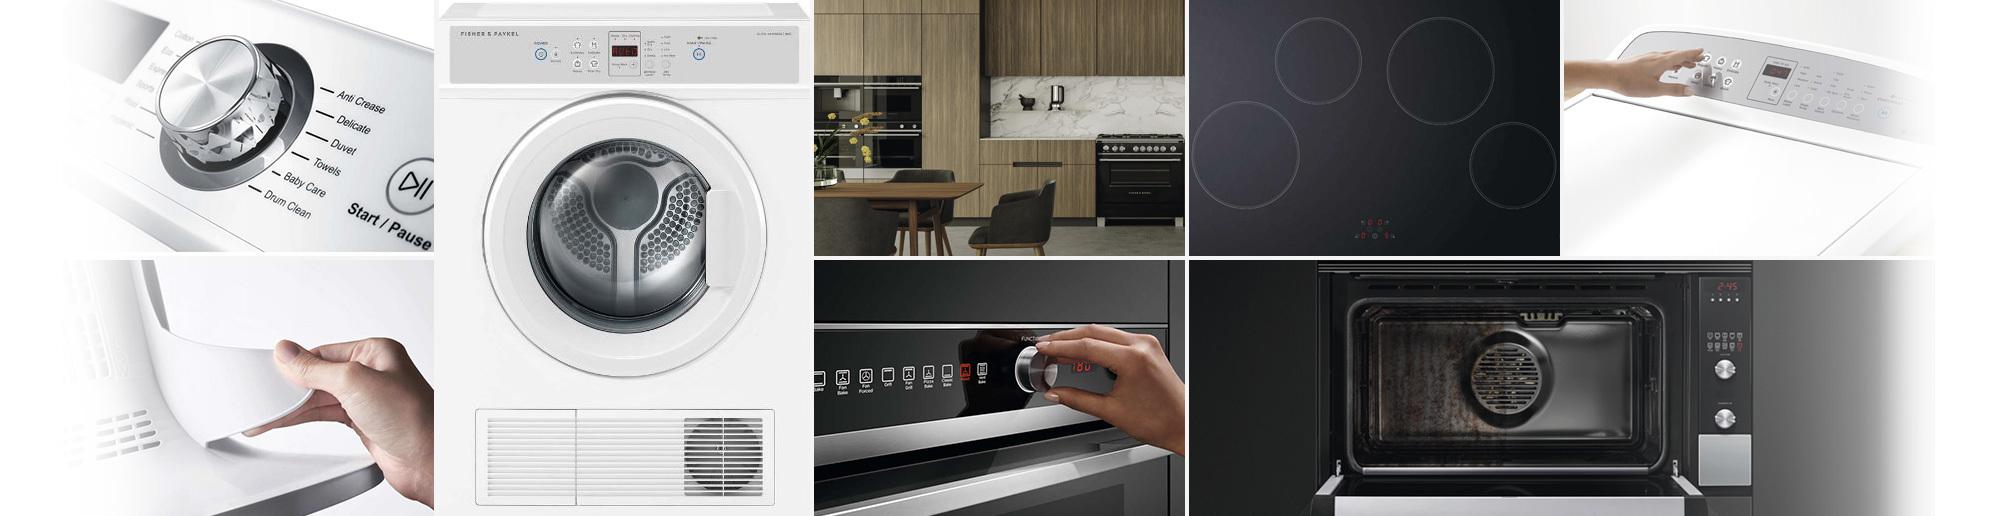 Appliance Repair Auckland Whiteware Installation